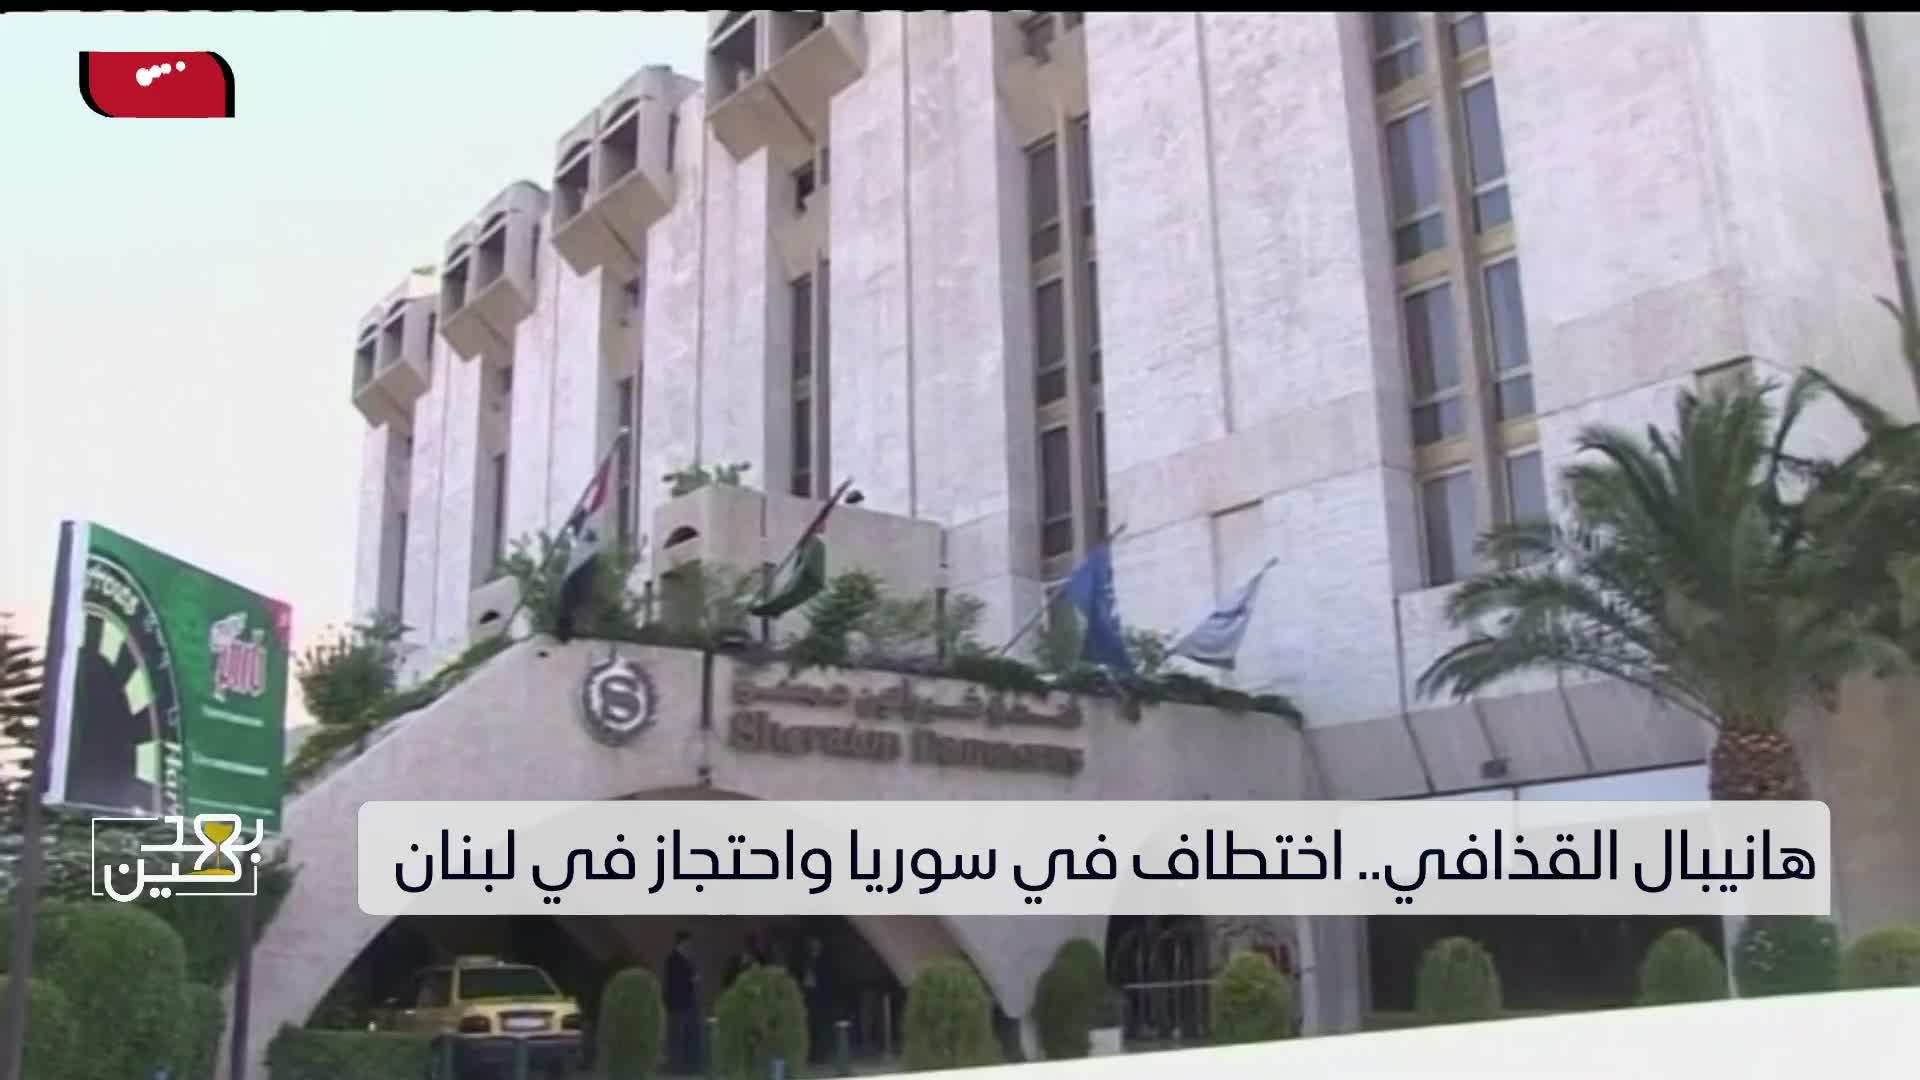 هانيبال القذافي.. اختطاف في سوريا واحتجاز في لبنان